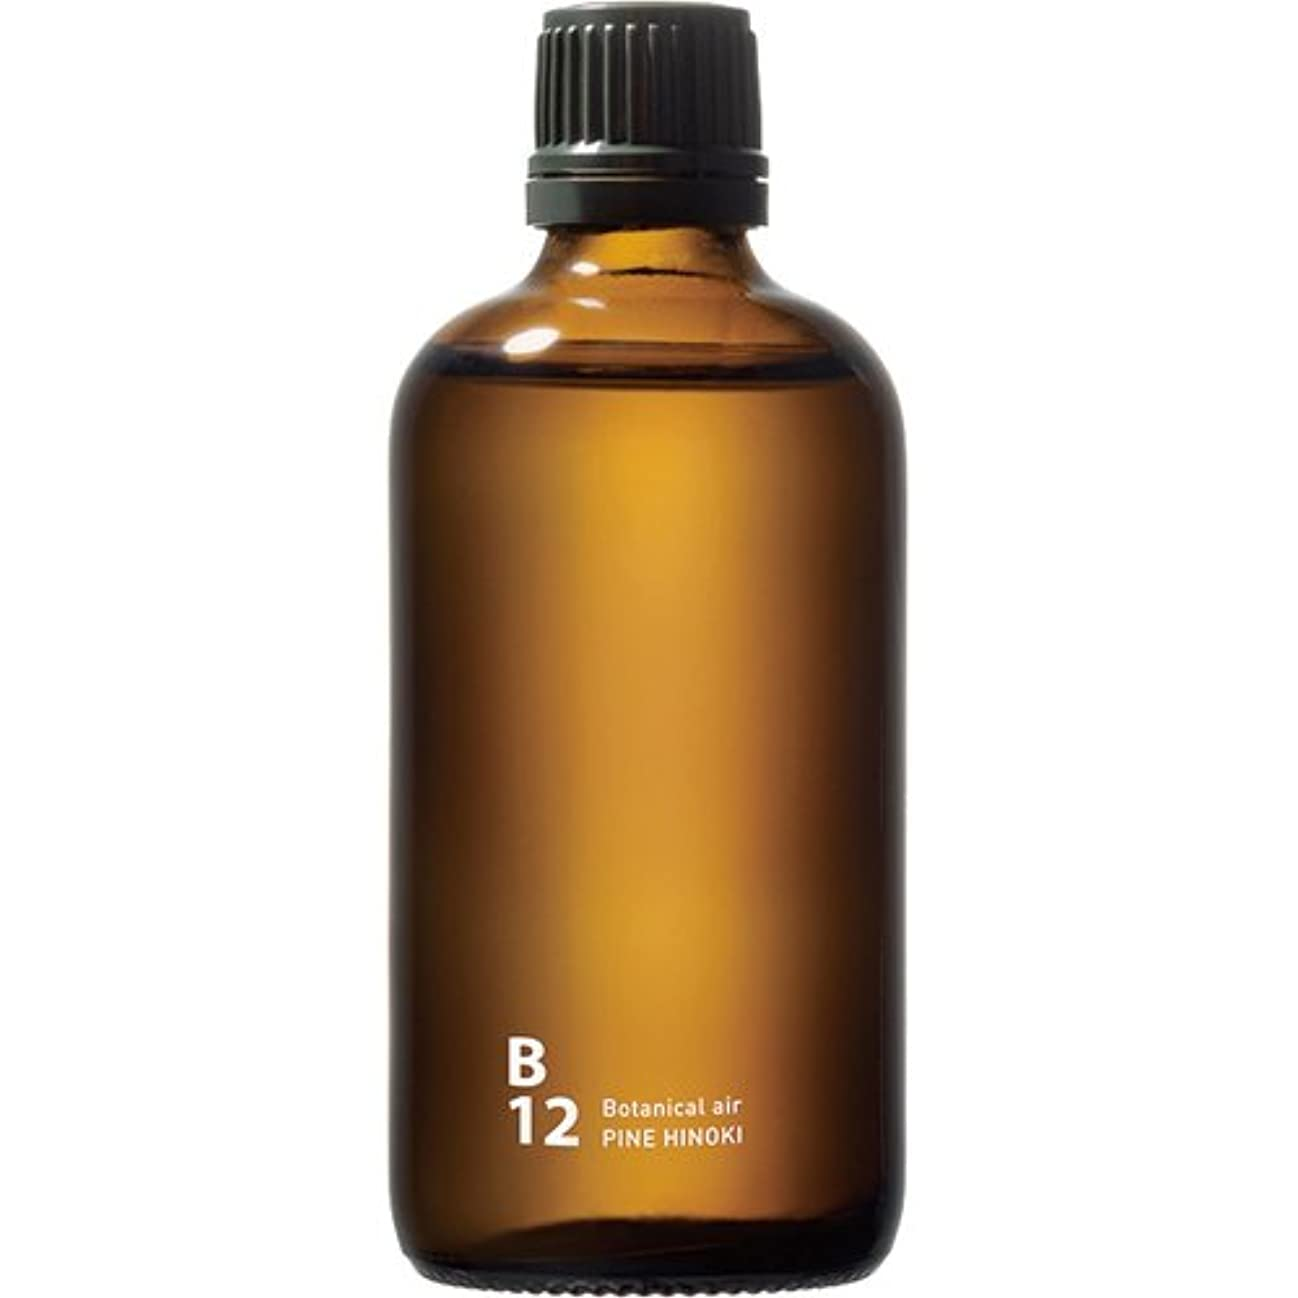 自転車なんとなく関与するB12 PINE HINOKI piezo aroma oil 100ml